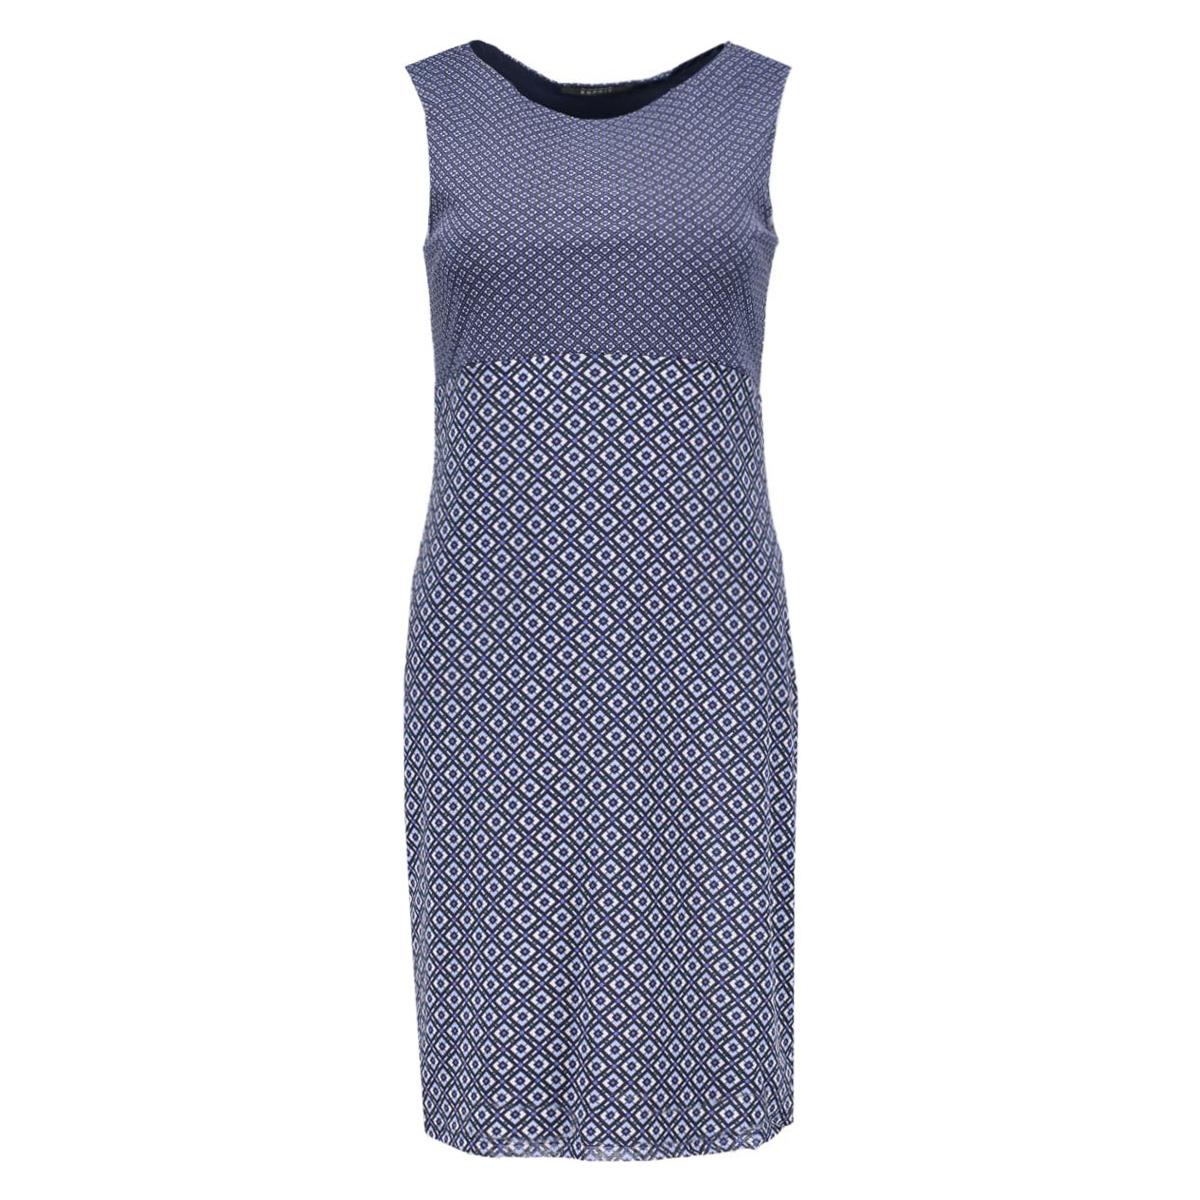 076eo1e032 esprit collection jurk e401